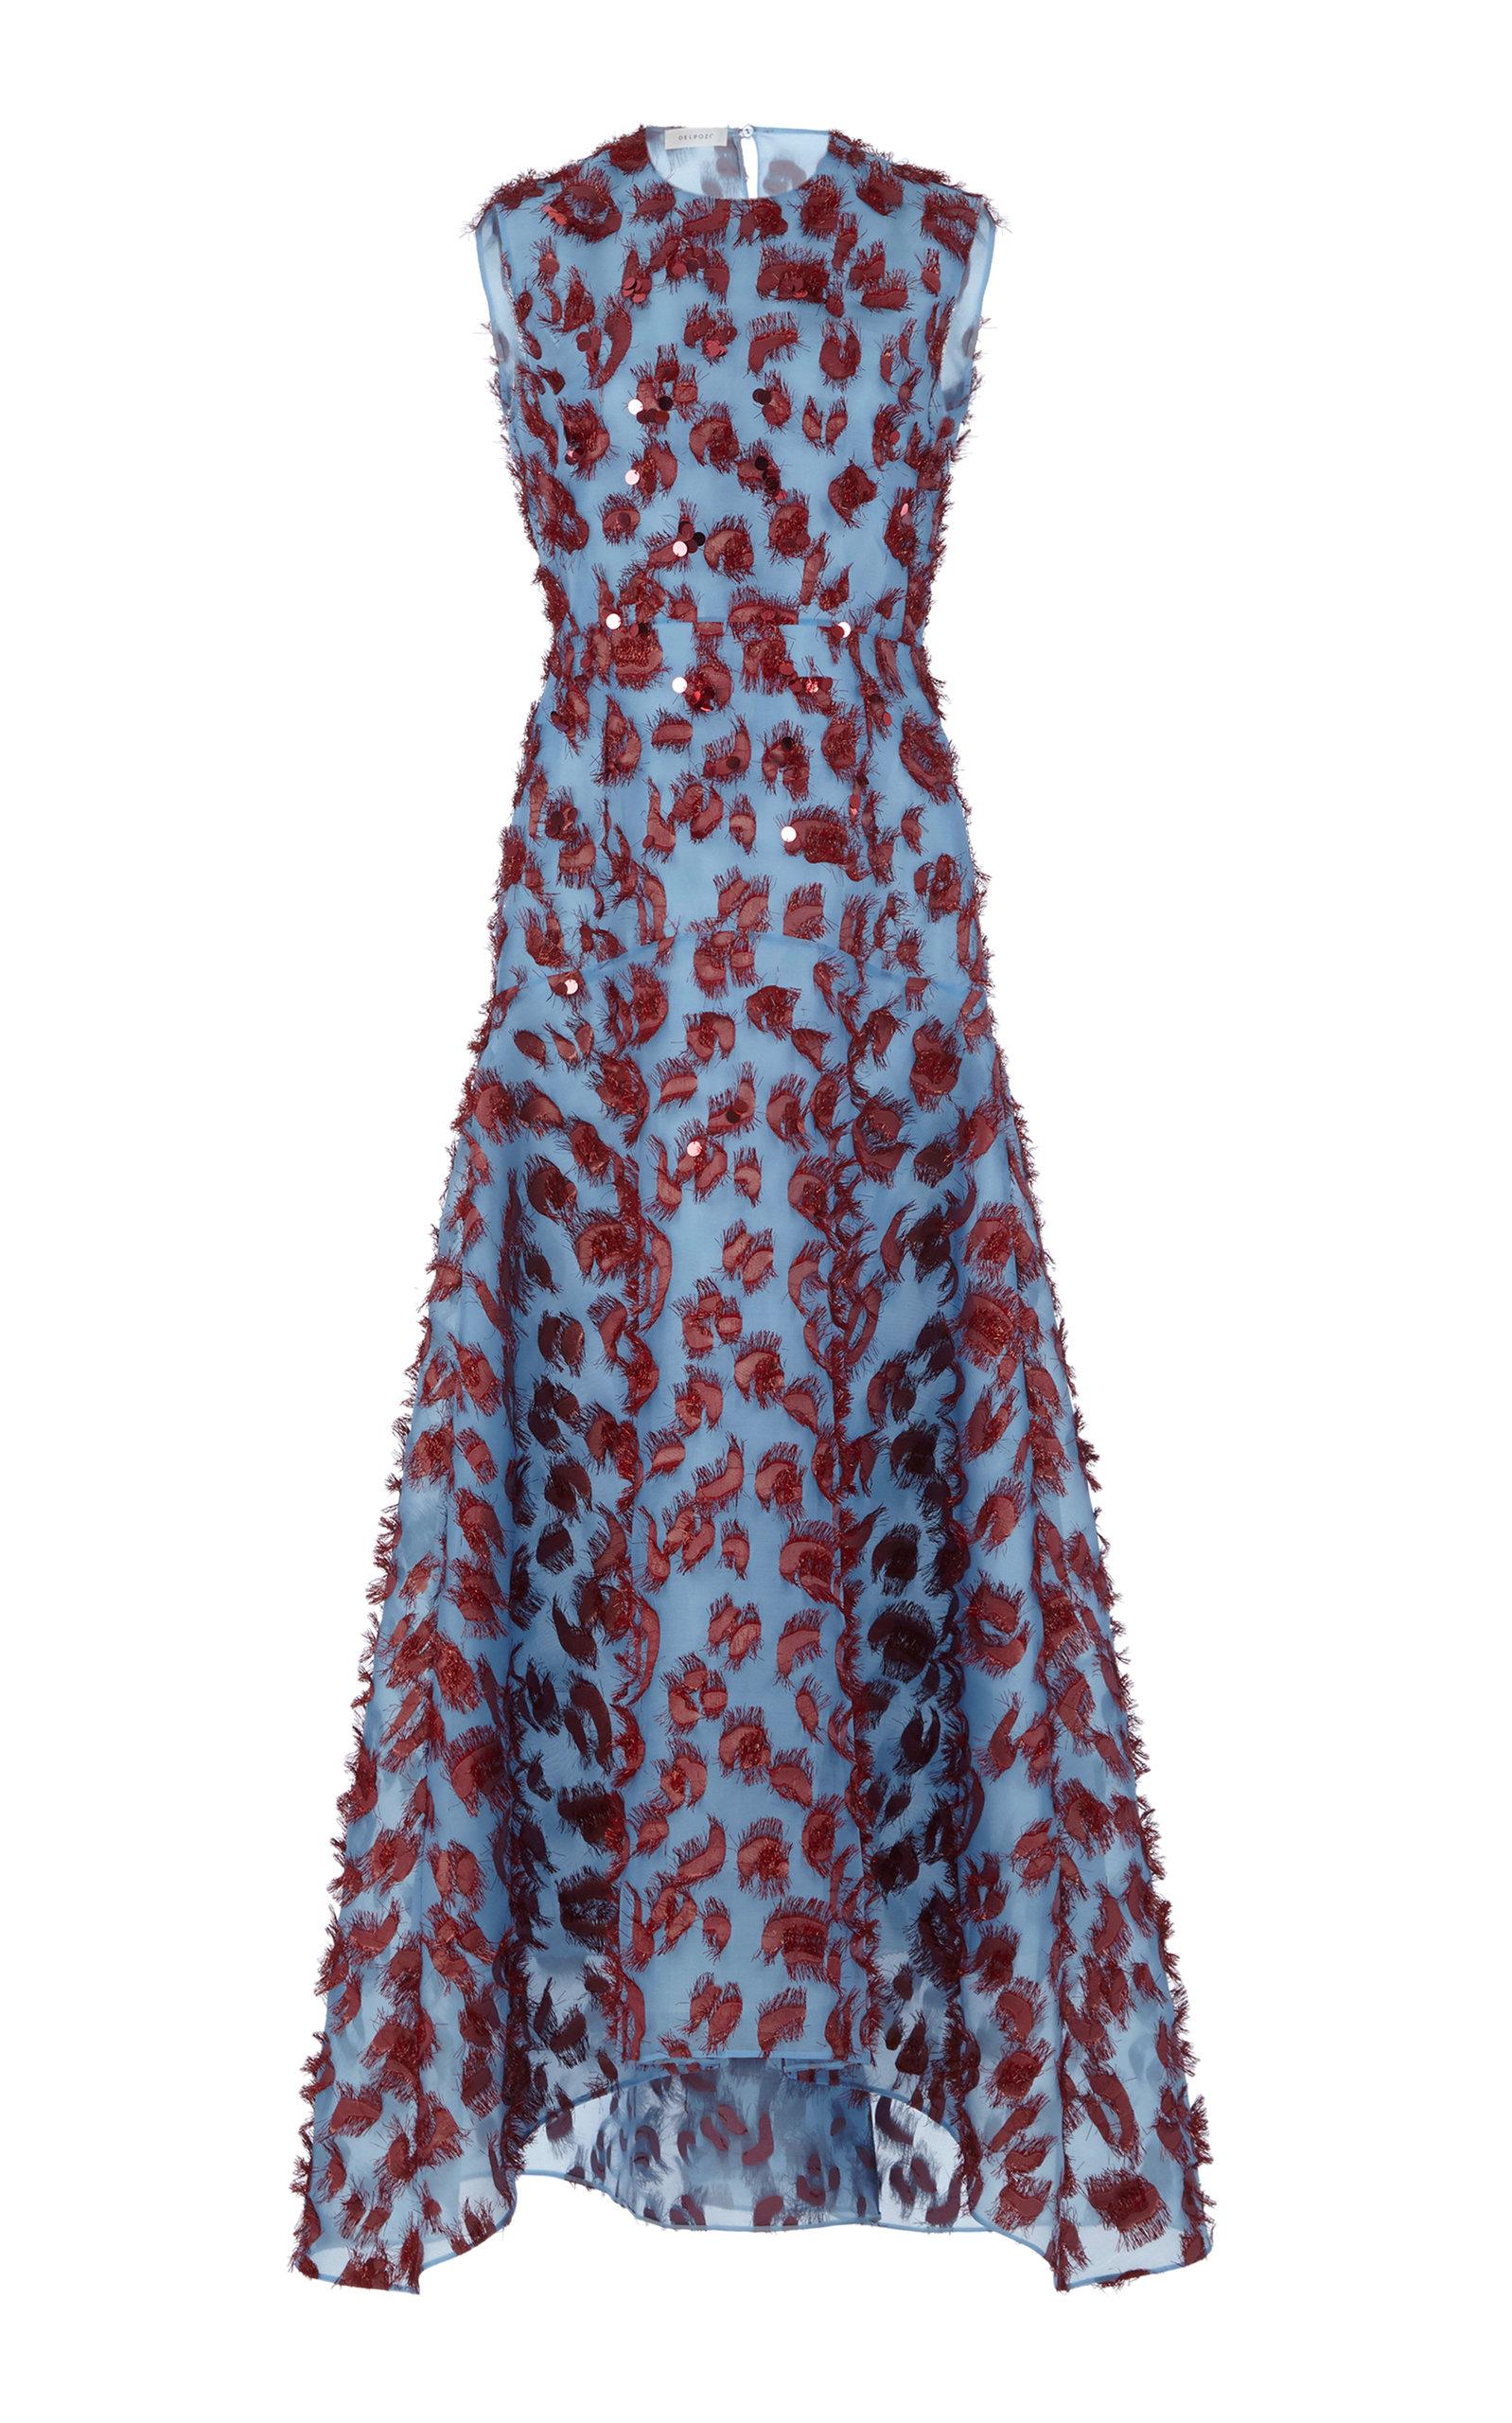 Sequin Organza Midi Dress By Delpozo Moda Operandi